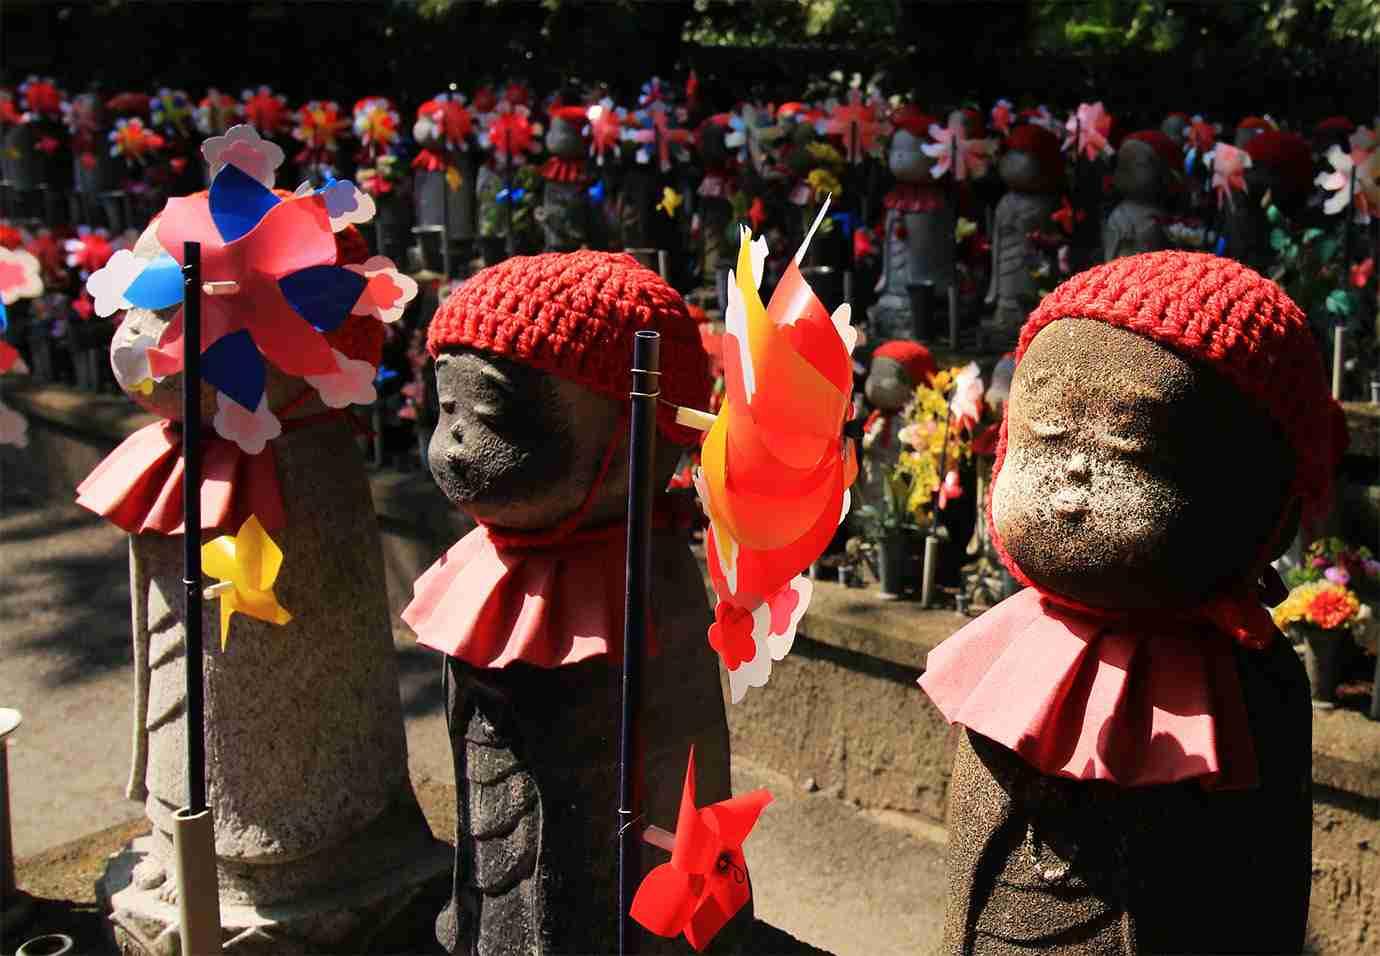 【悲報】平成時代でもっとも悲しい出来事を日本政府が発表 / ホルマリン漬けの胎児が15人発見される   バズプラスニュース Buzz+